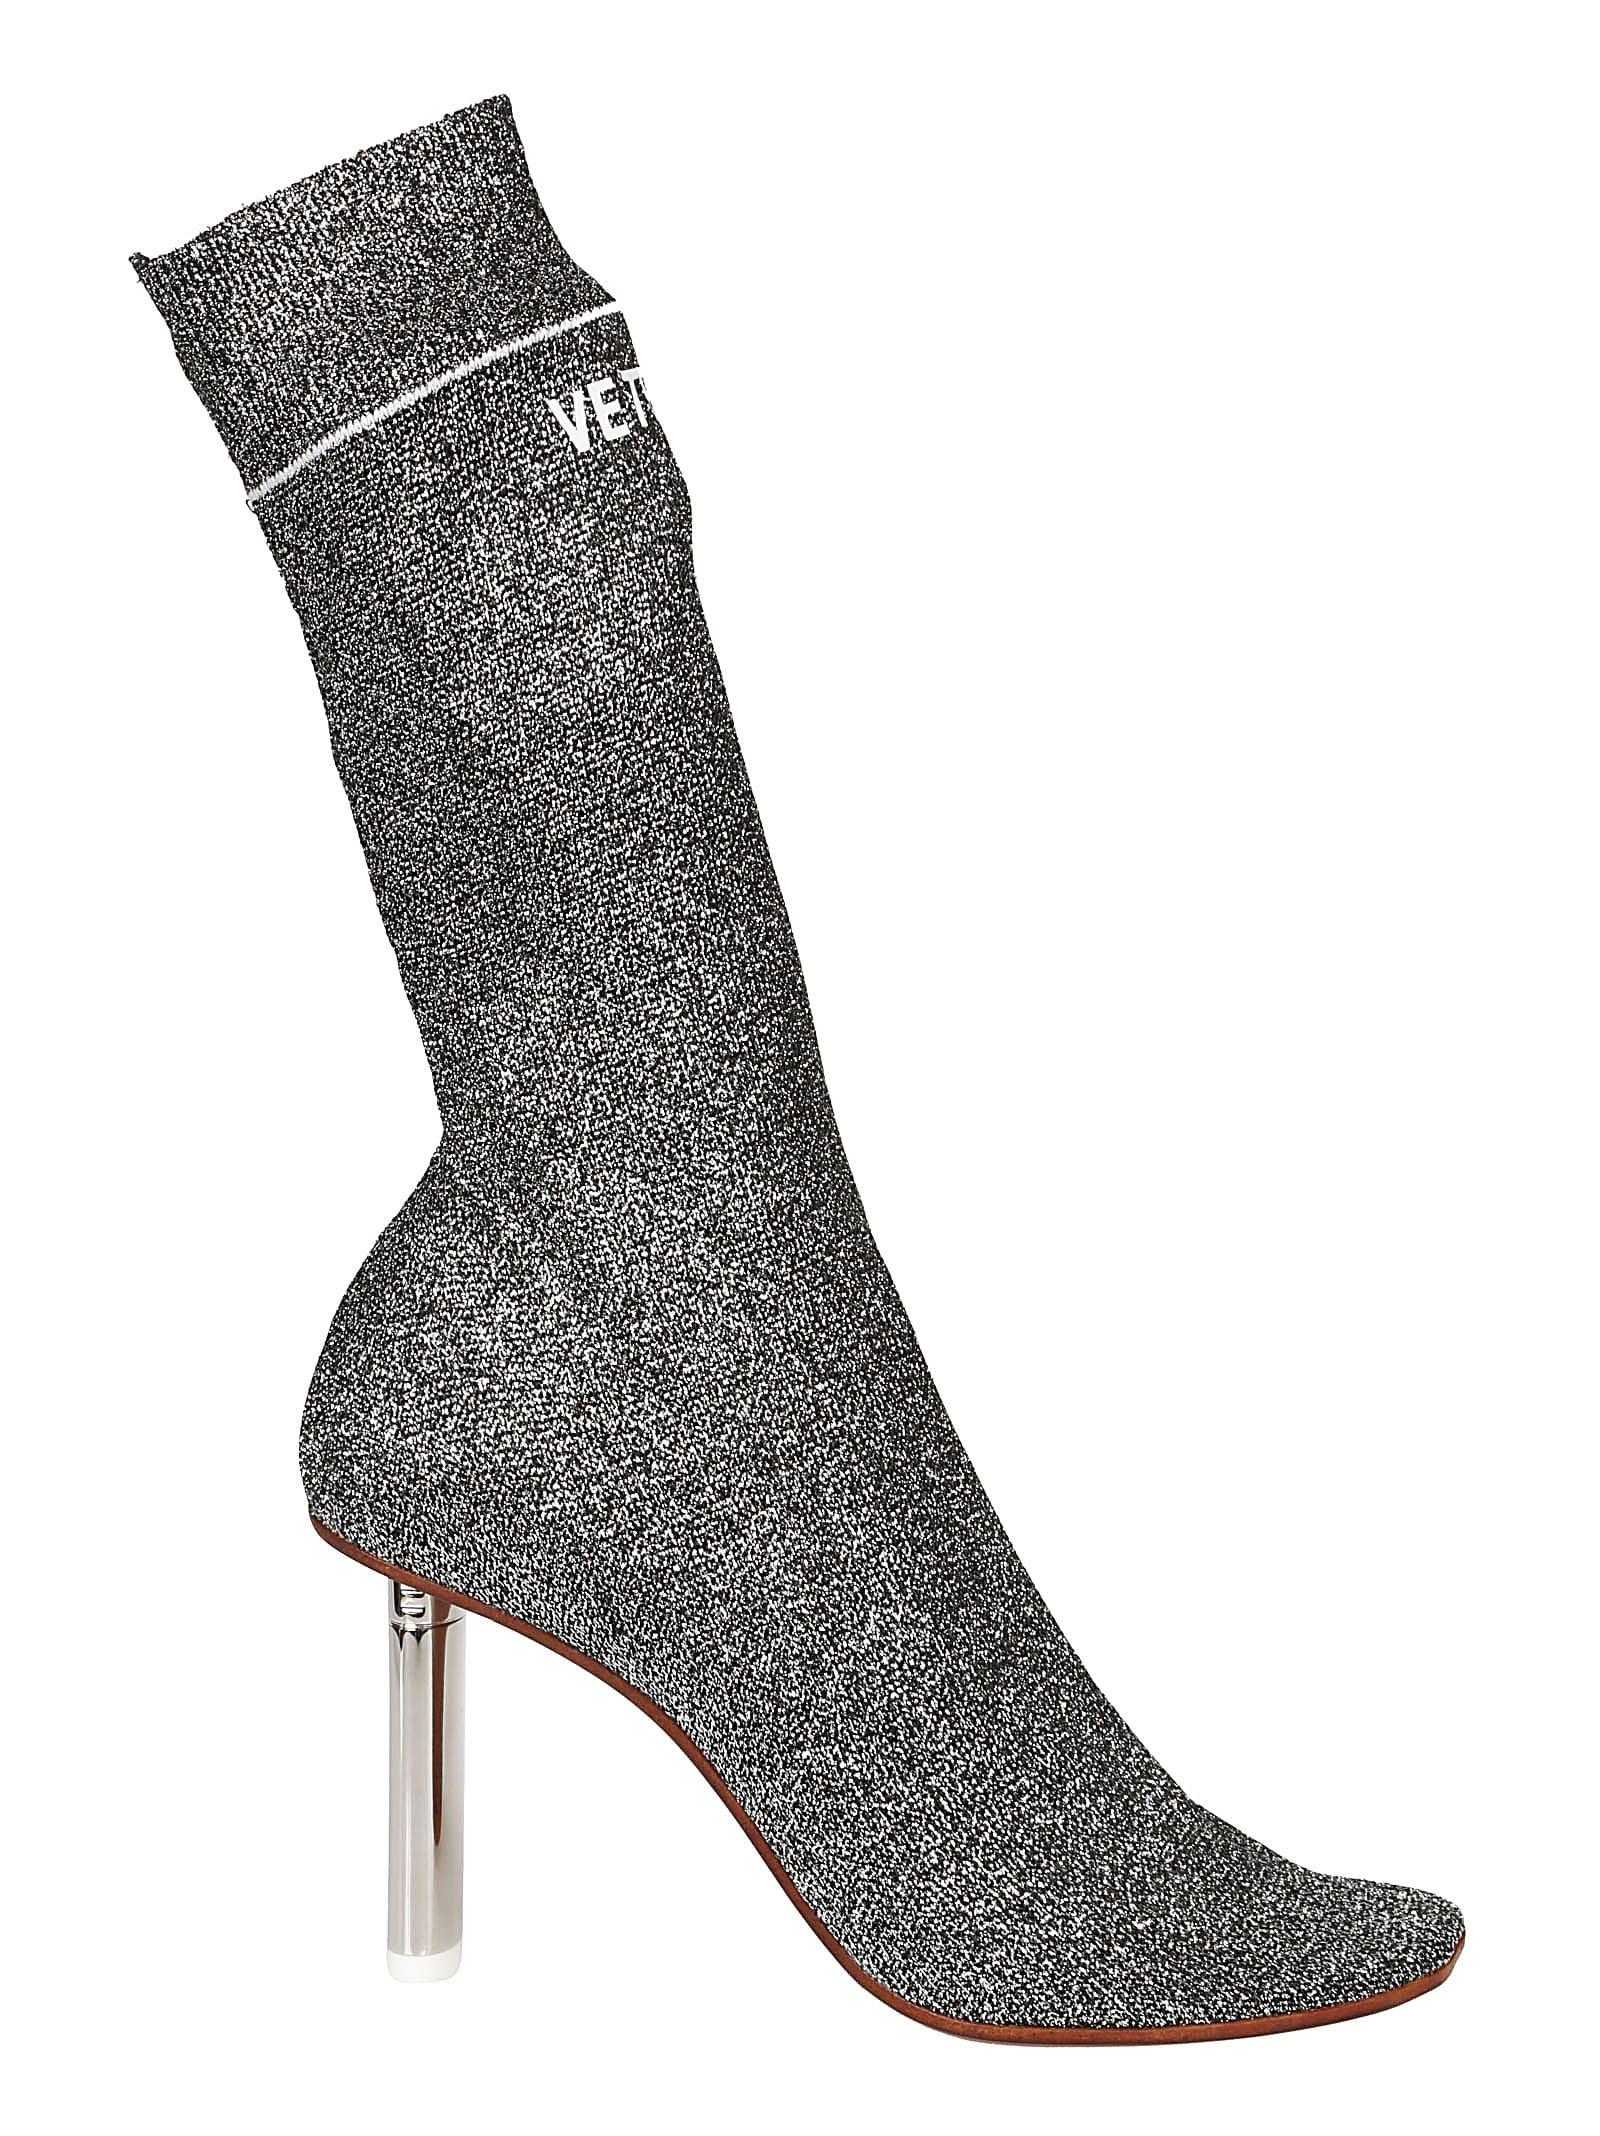 VETEMENTS VETEMENTS Sock Ankle Boots